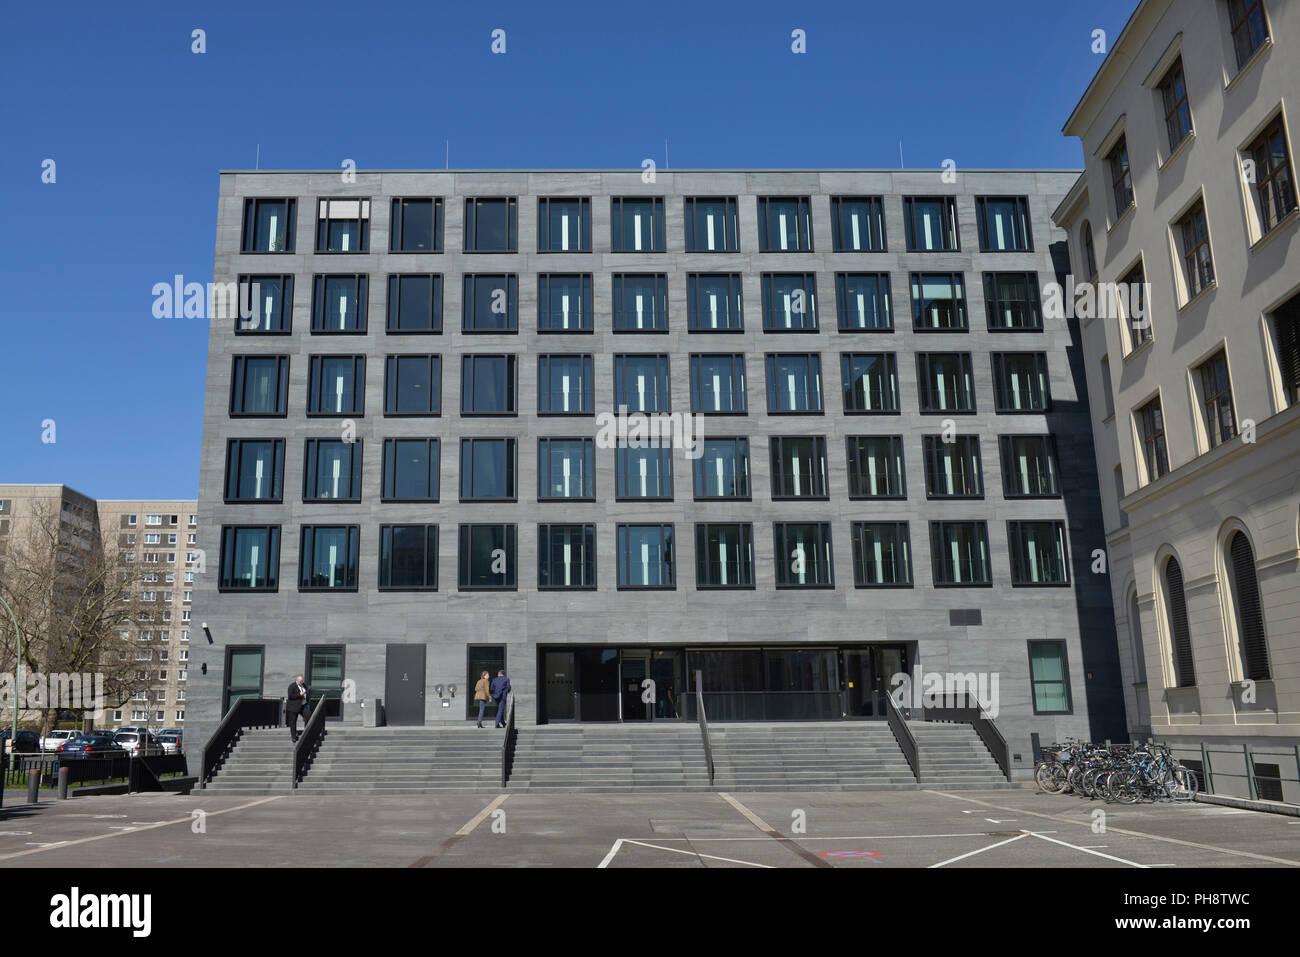 Bundesministerium fuer Verkehr und Infrastruktur digitale, Invalidenstrasse, nel quartiere Mitte di Berlino, Deutschland Immagini Stock